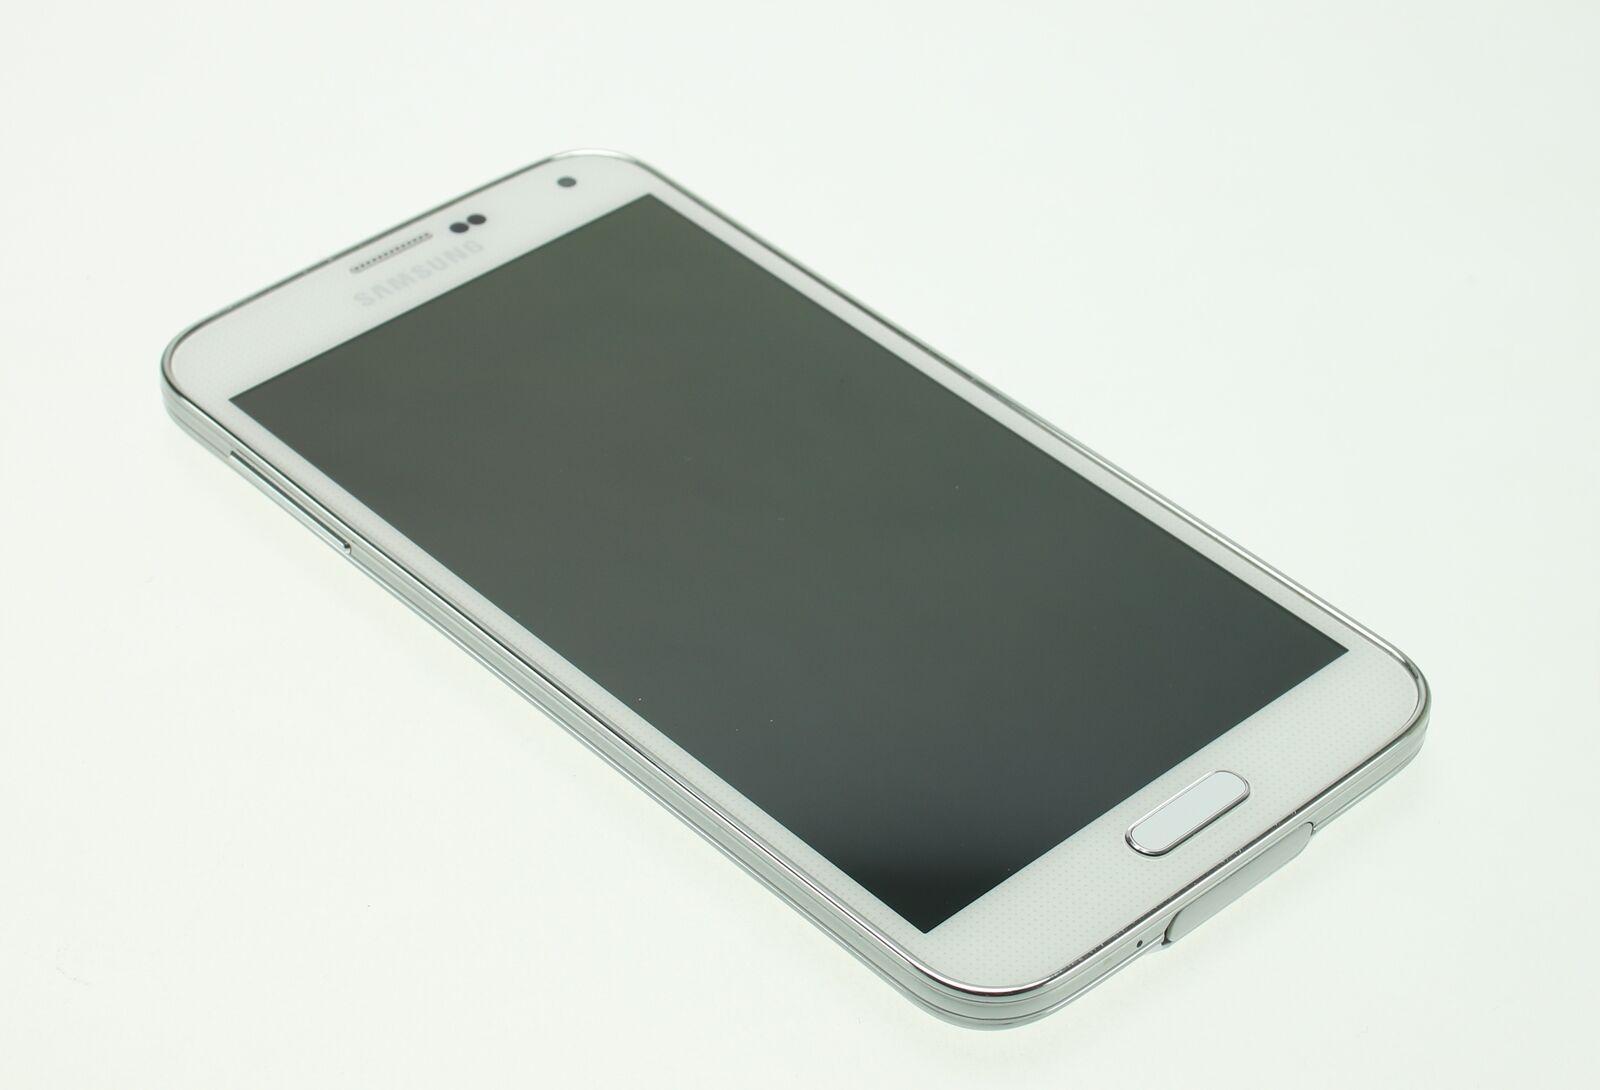 Samsung Galaxy S5 16GB weiß Smartphone Handy - Guter Zustand!